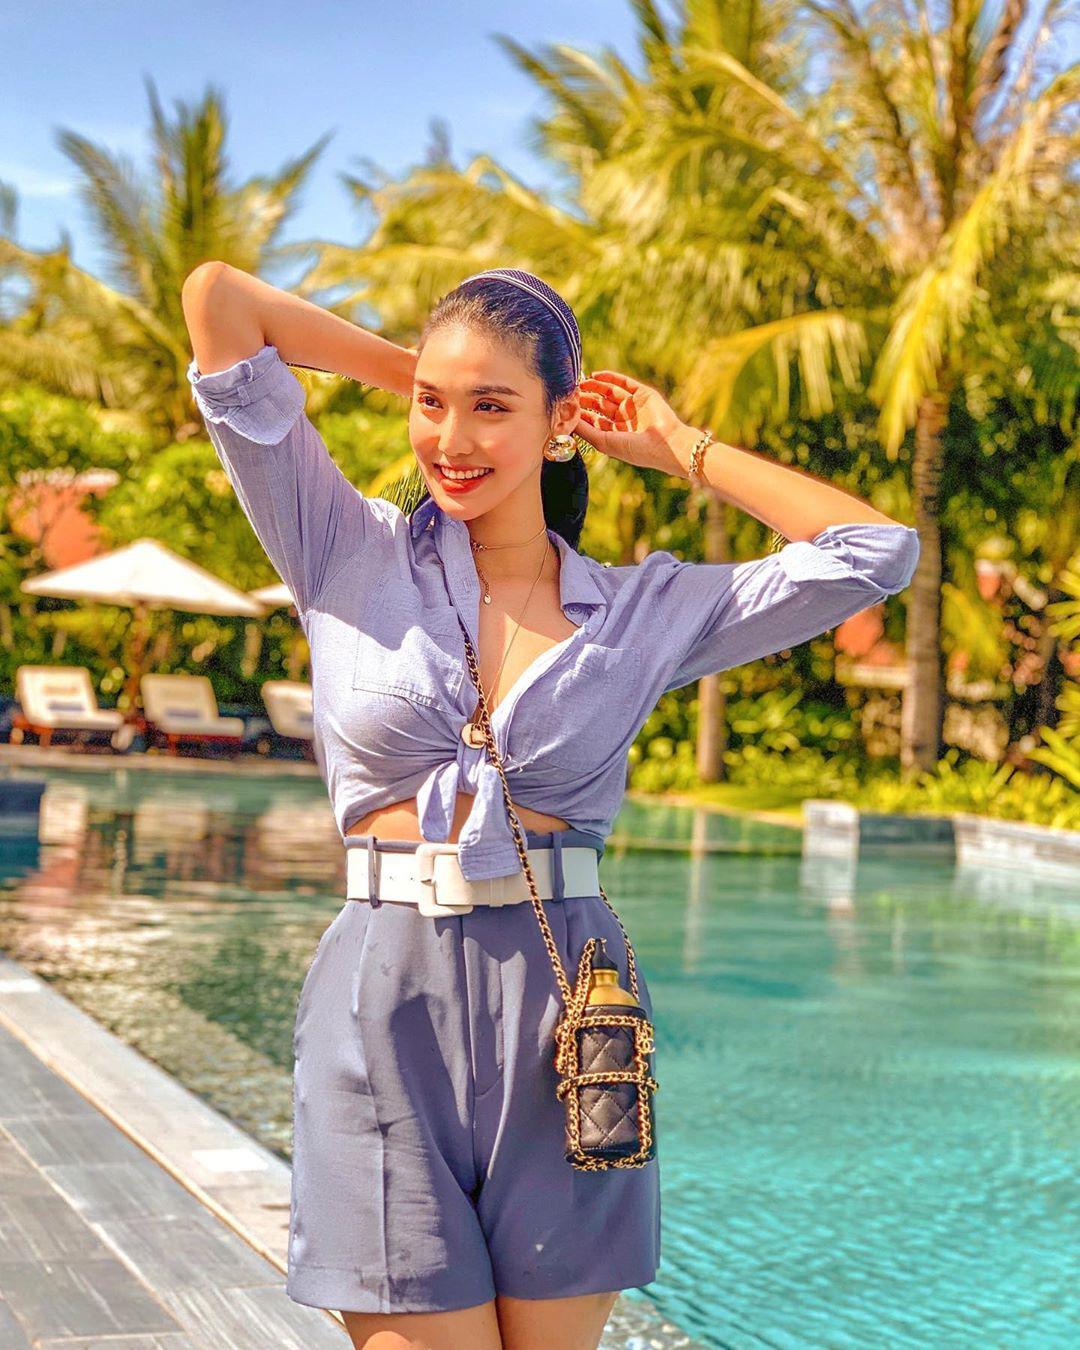 Sao Việt lấy lại dáng đẹp sau sinh: Nhã Phương tập lên cả cơ bụng, Lan Khuê bụng phẳng lì không chút mỡ thừa - Ảnh 17.